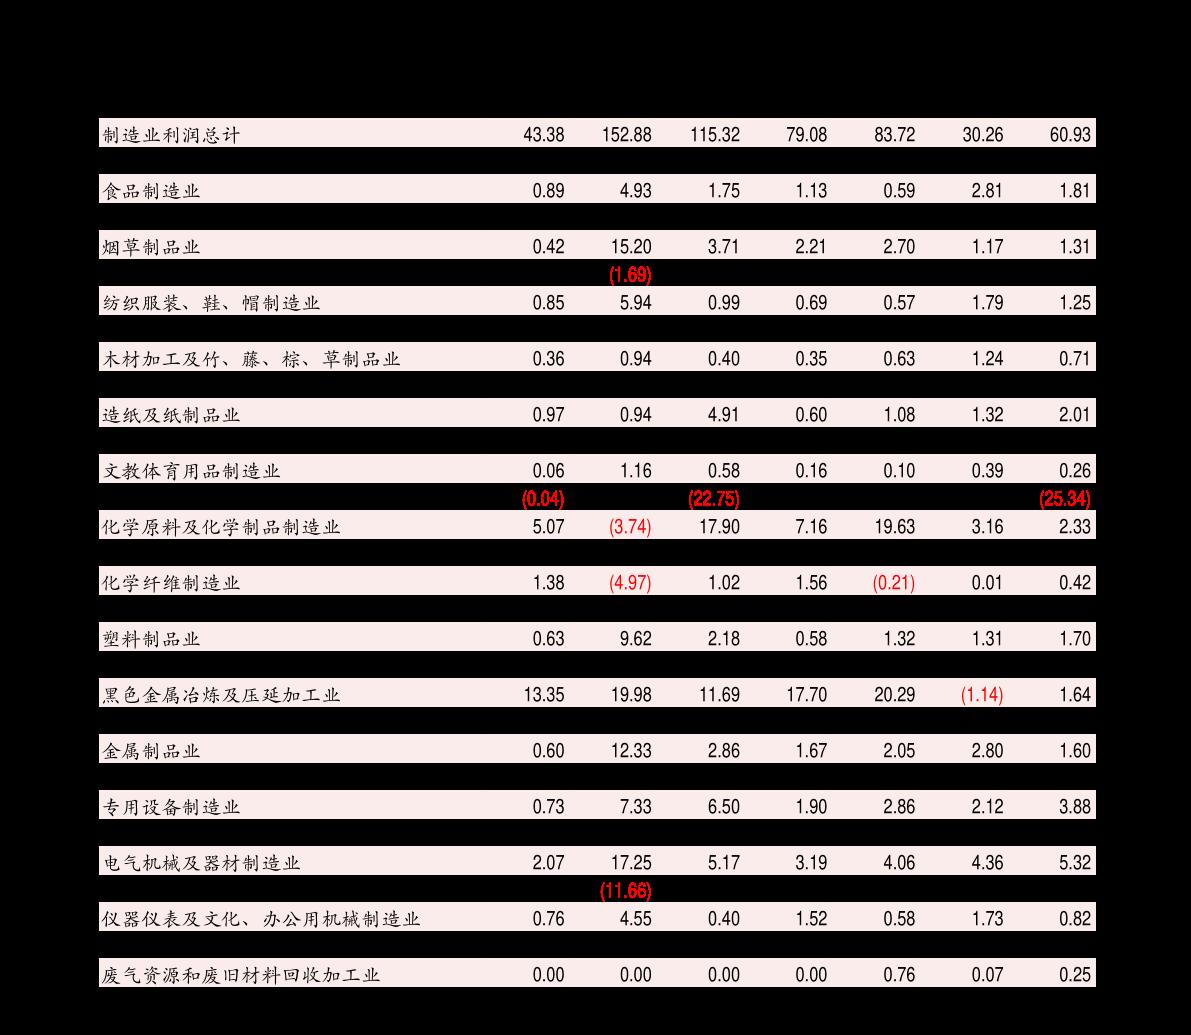 内蒙古2021GDP_2021内蒙古农业分布图